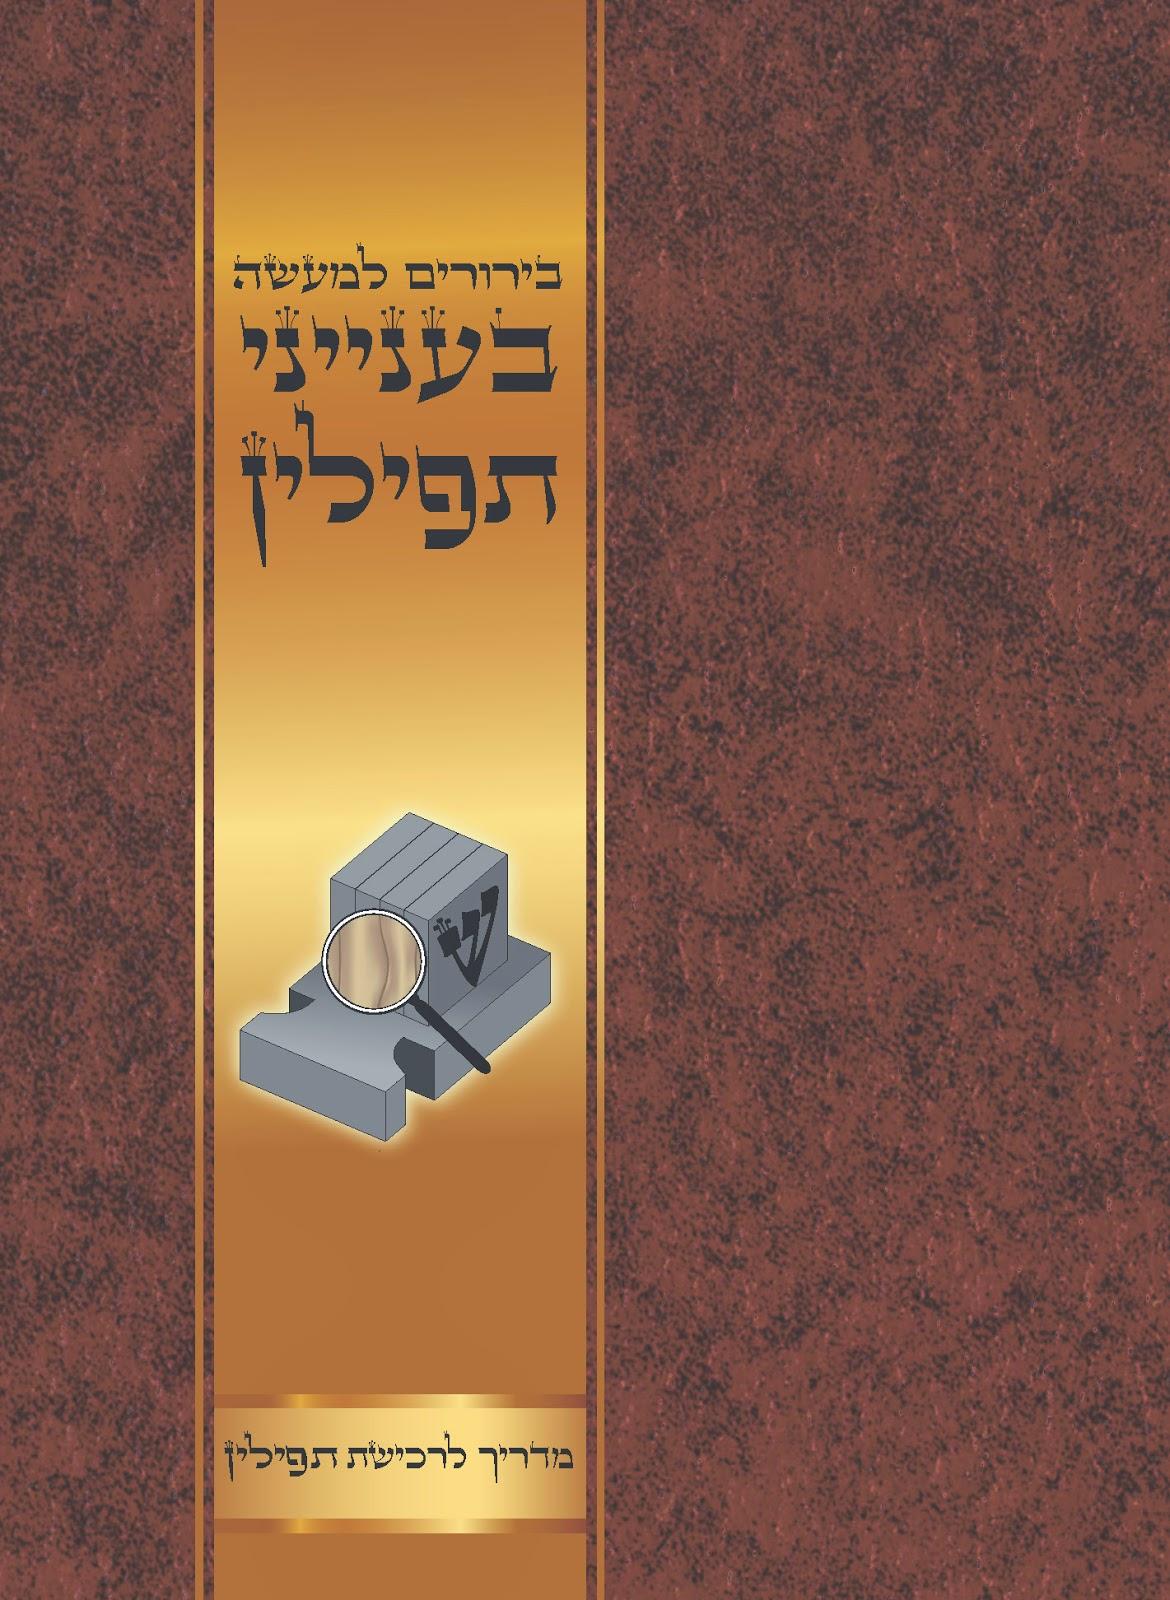 ענייני עיבוד הקלף מתוך מהדורה רביעית של הספר בירורים למעשה בענייני תפילין